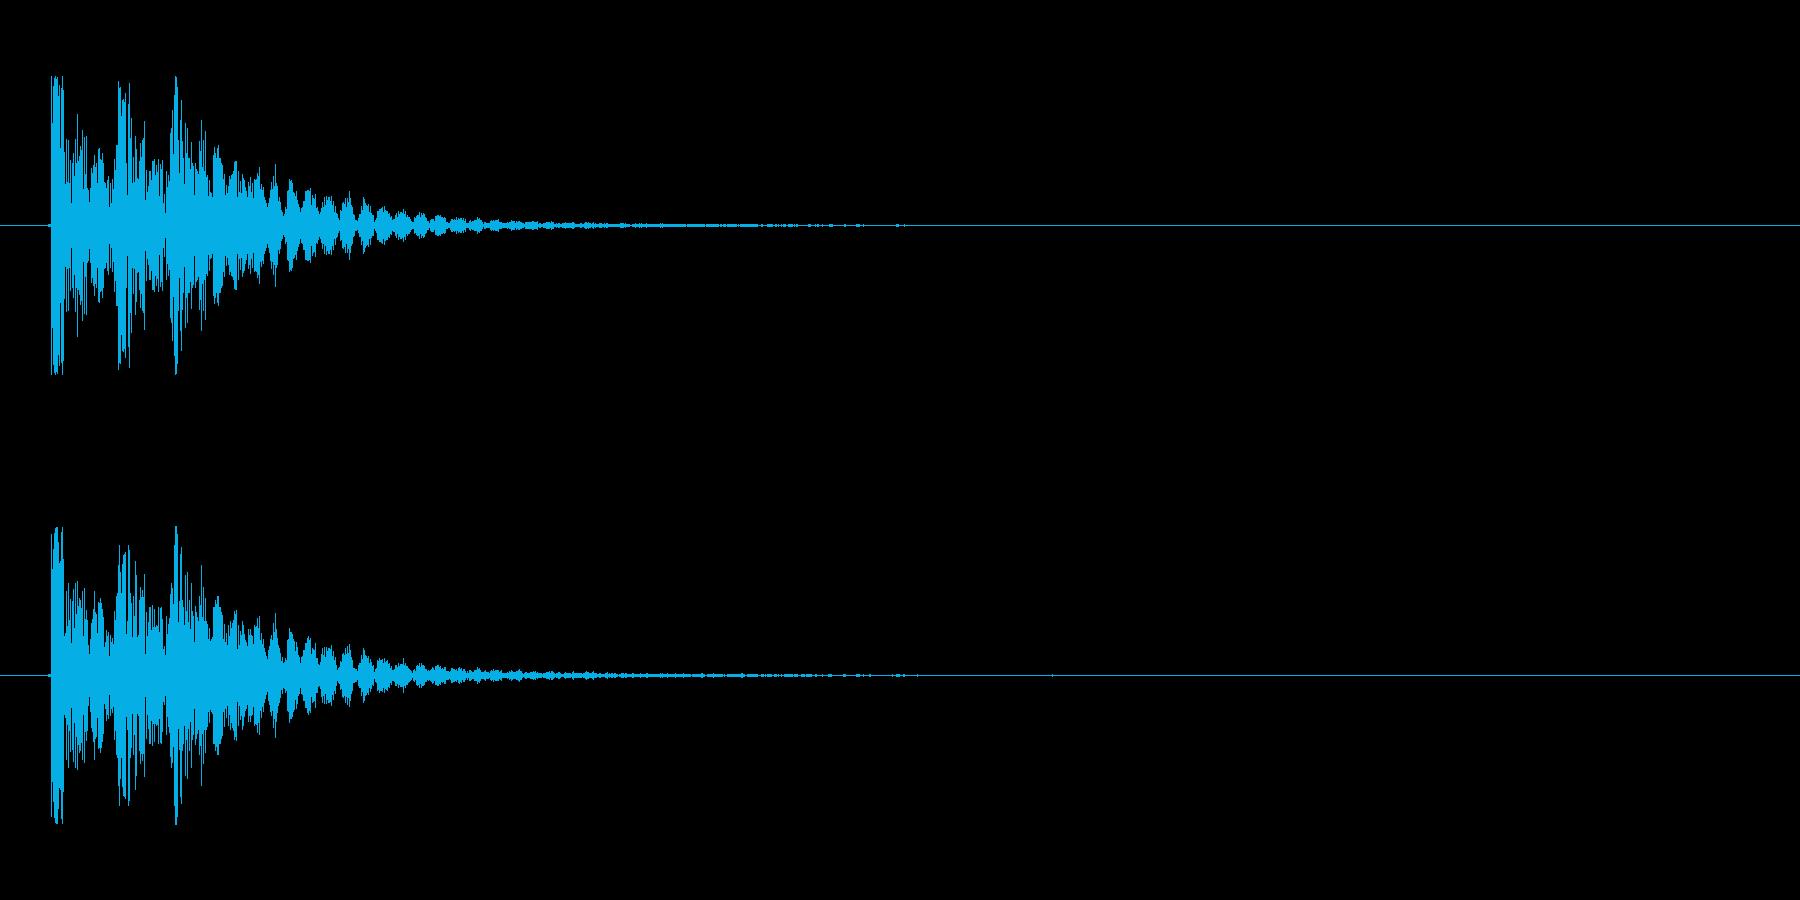 【衝撃03-3】の再生済みの波形